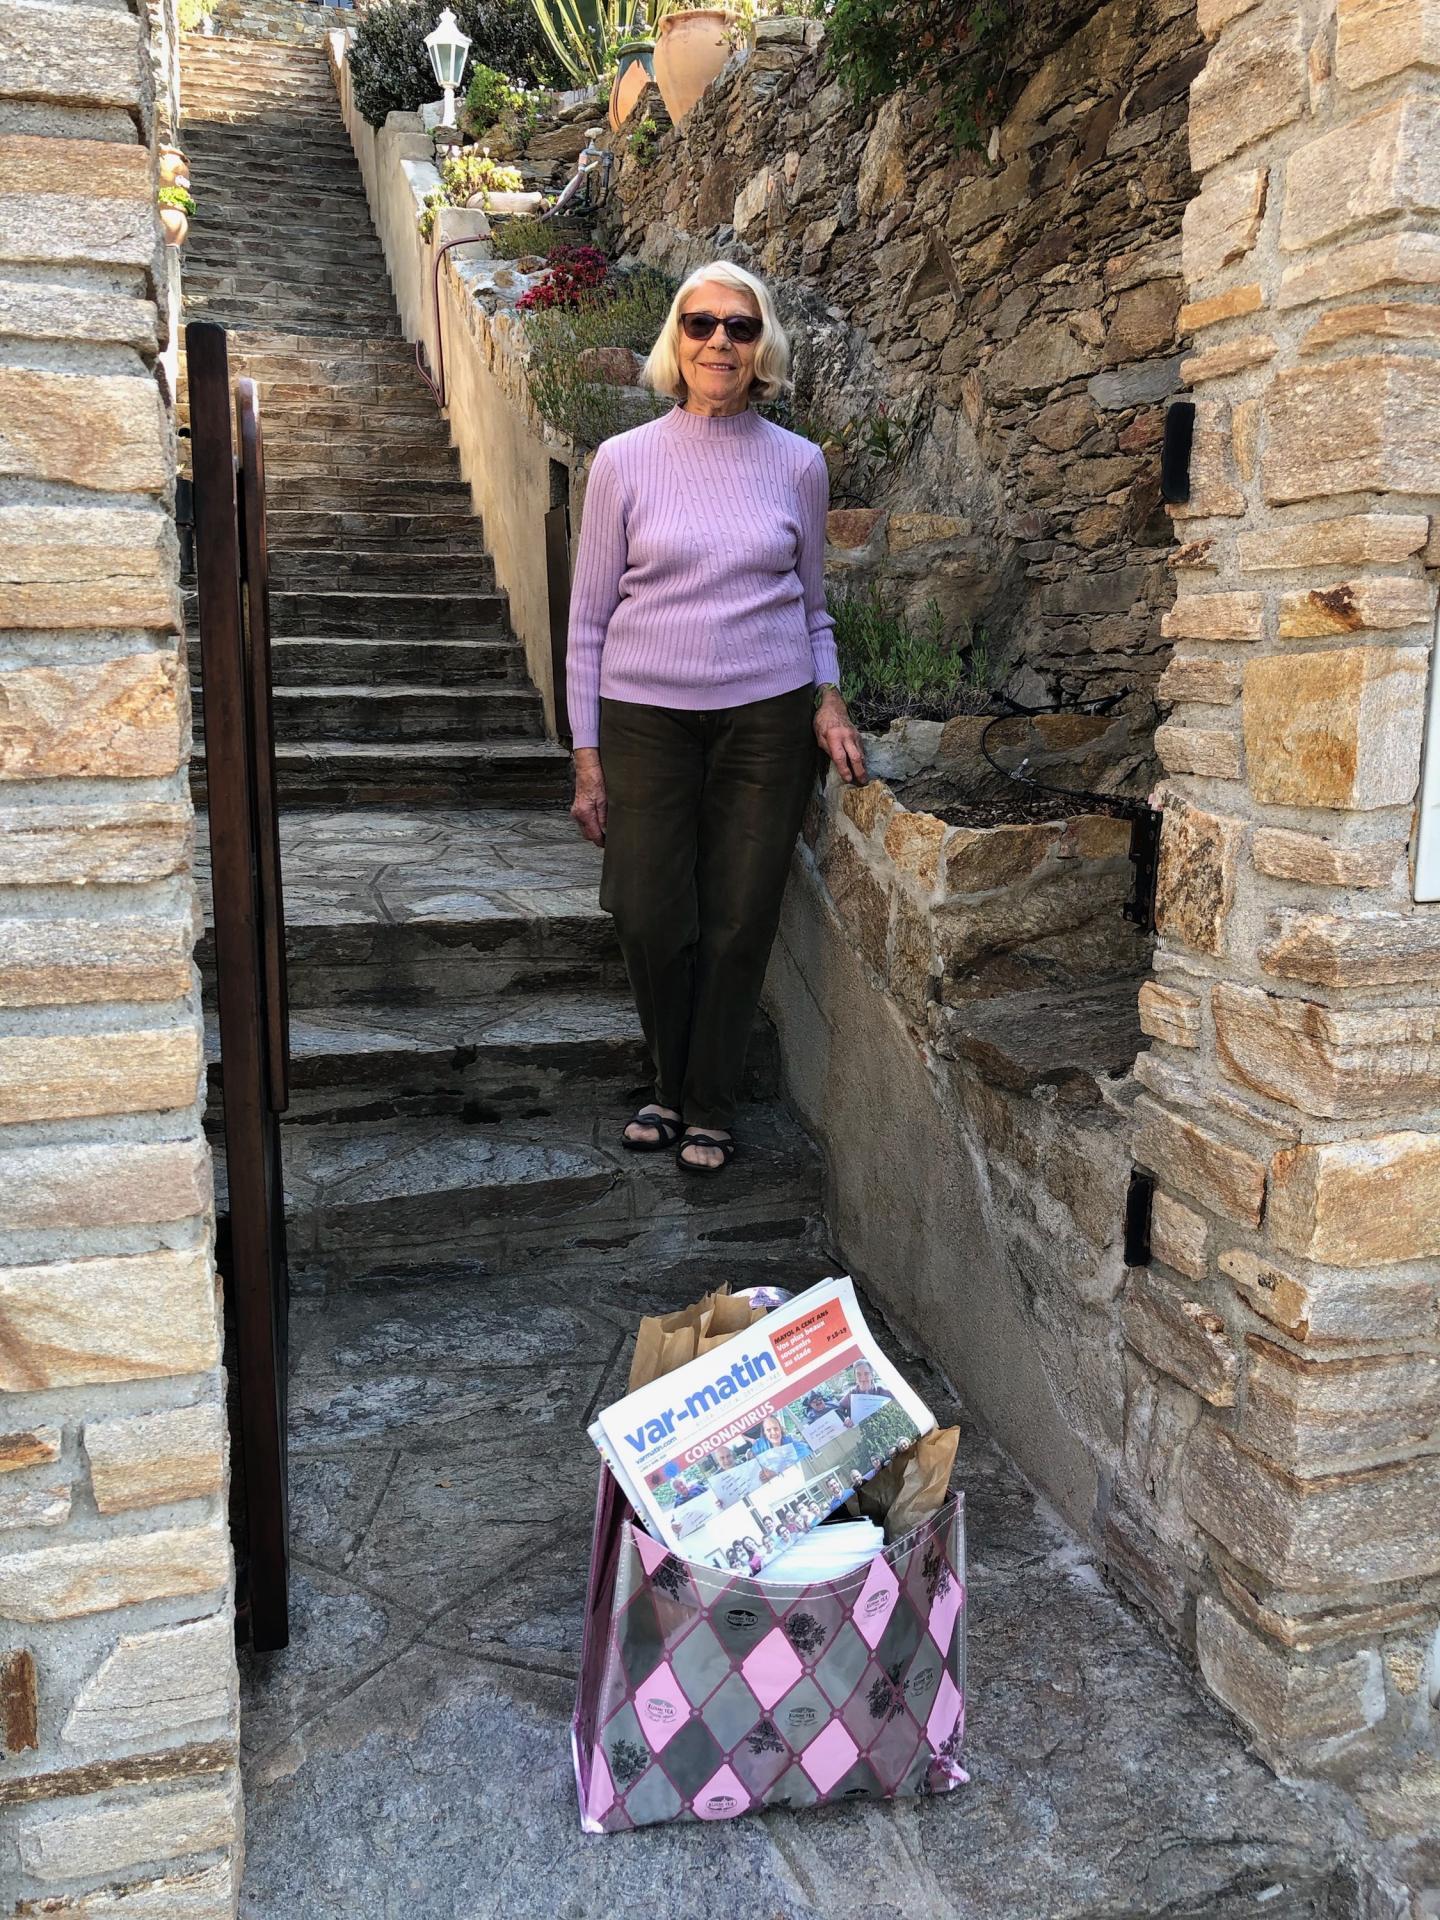 Livraison des denrées alimentaires et de la presse pour une voisine de Vanessa.